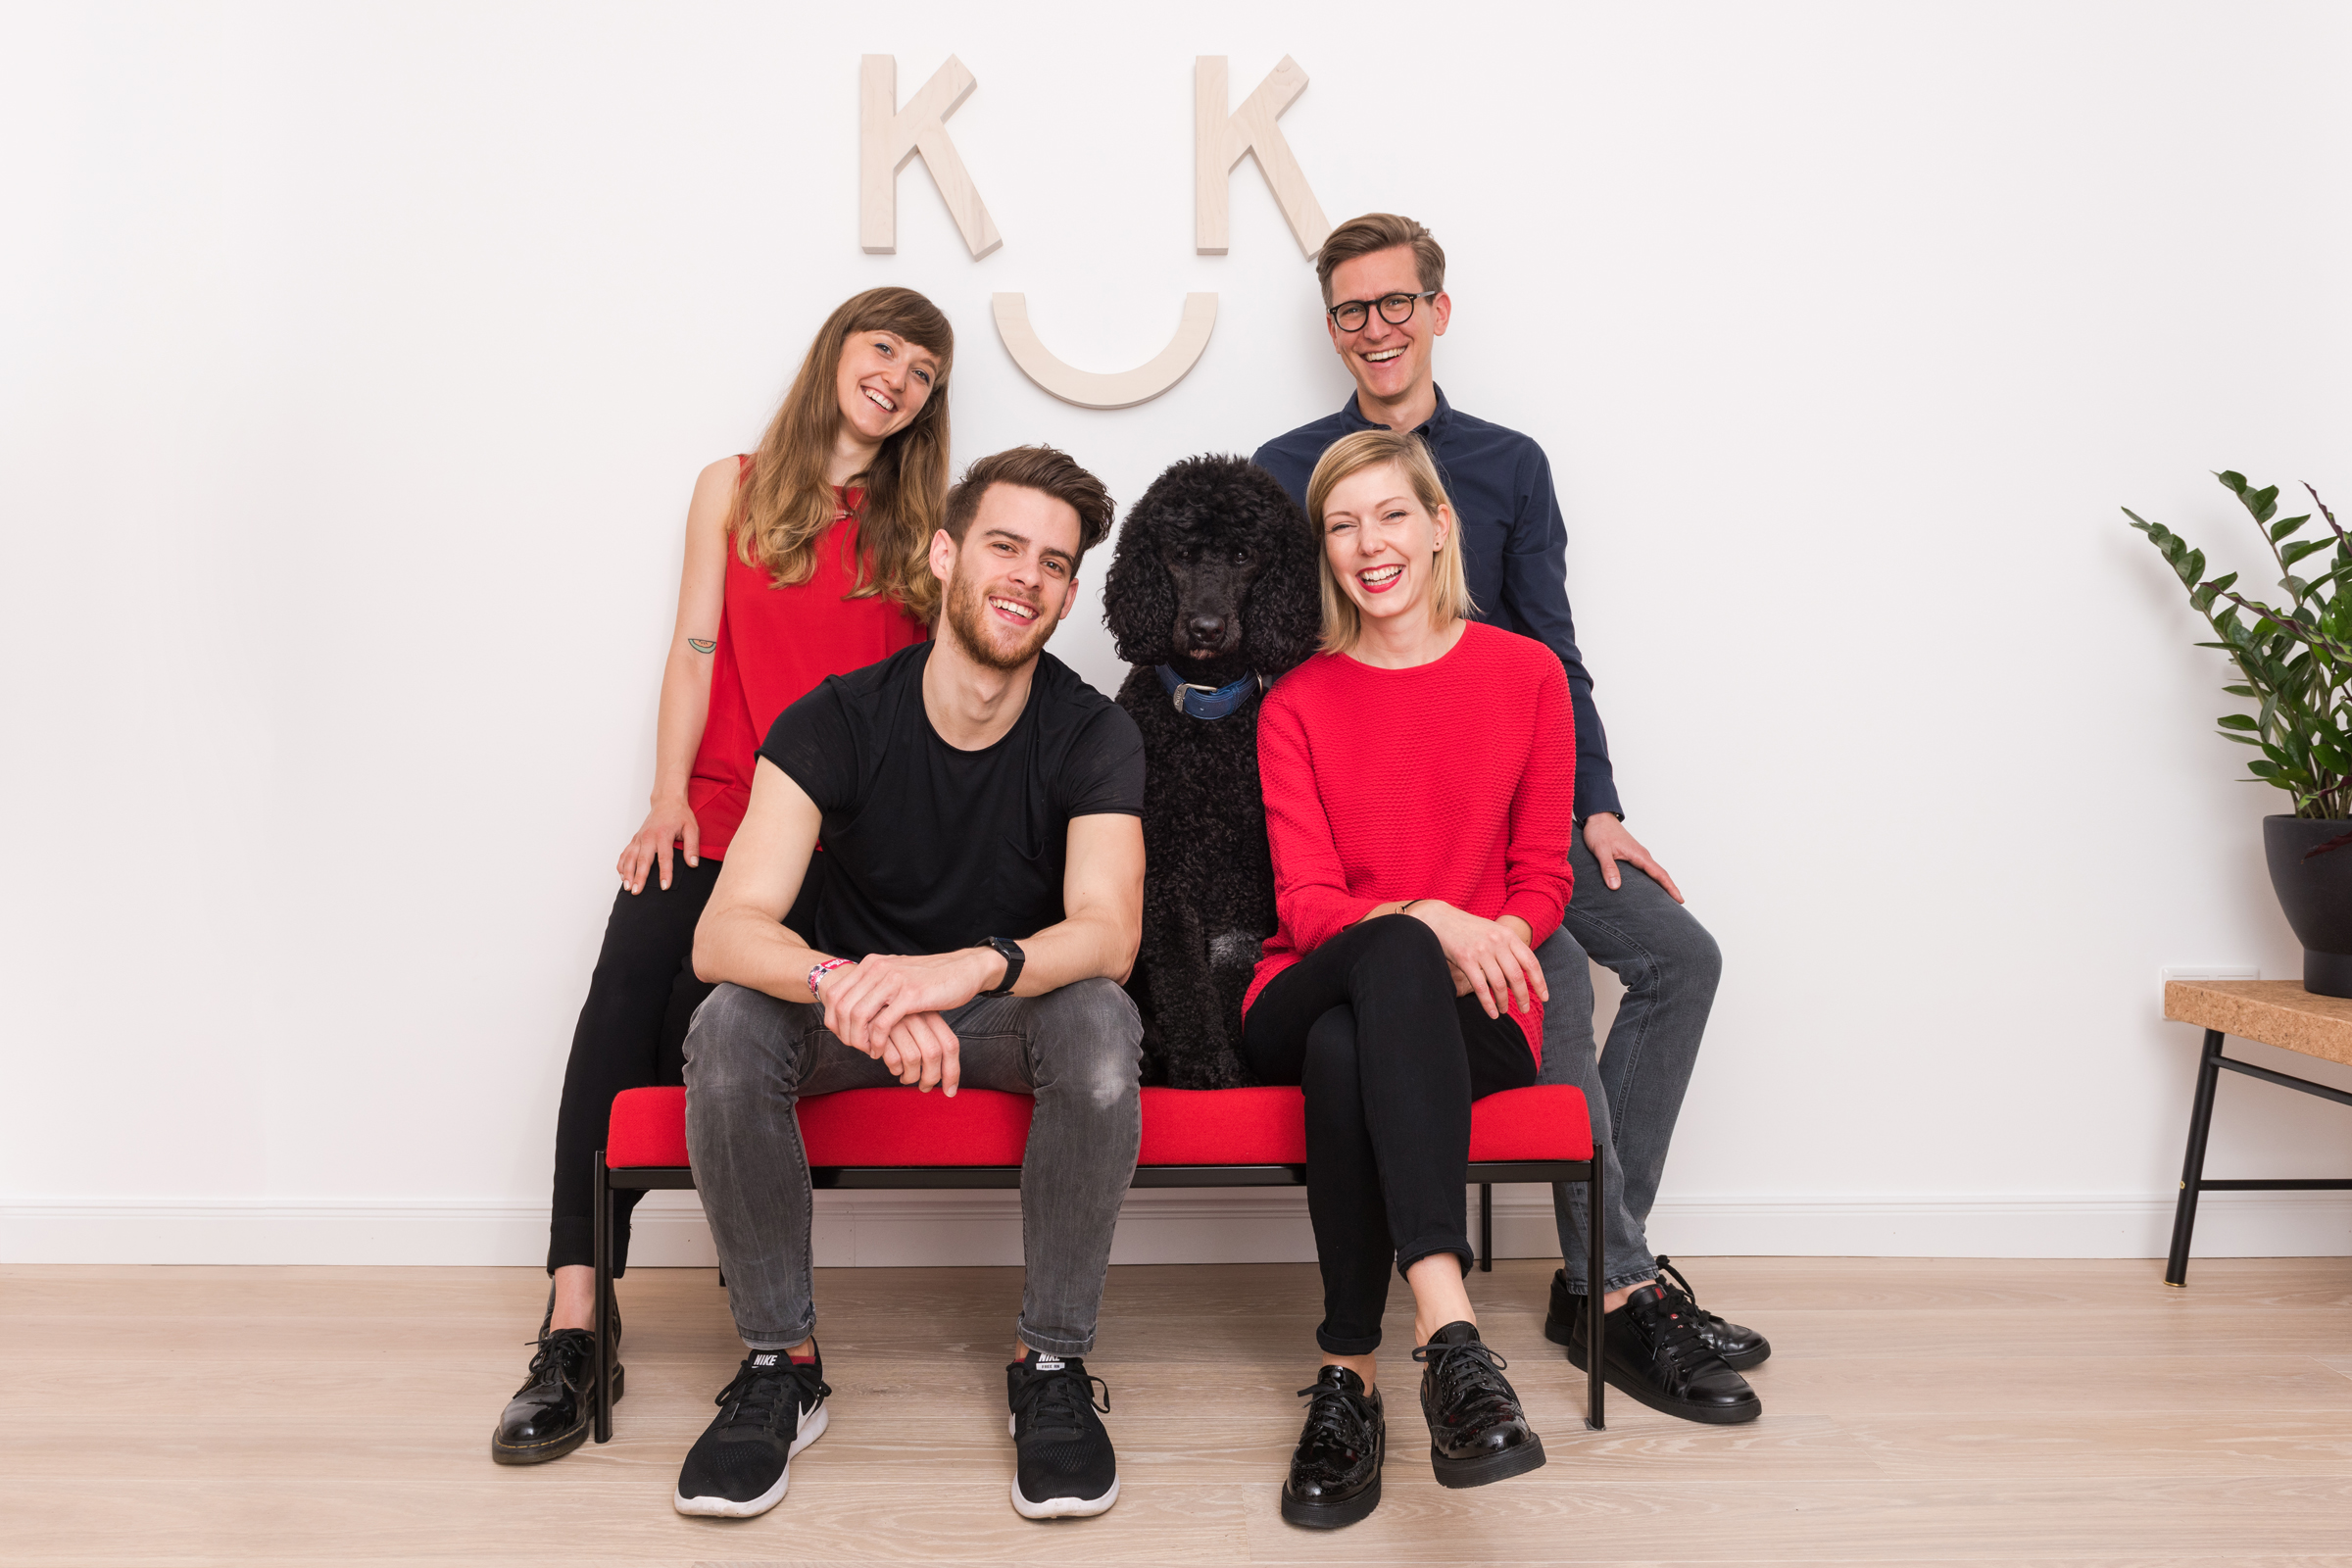 Team, KittoKatsu, Agentur für Markenführung und Markendesign